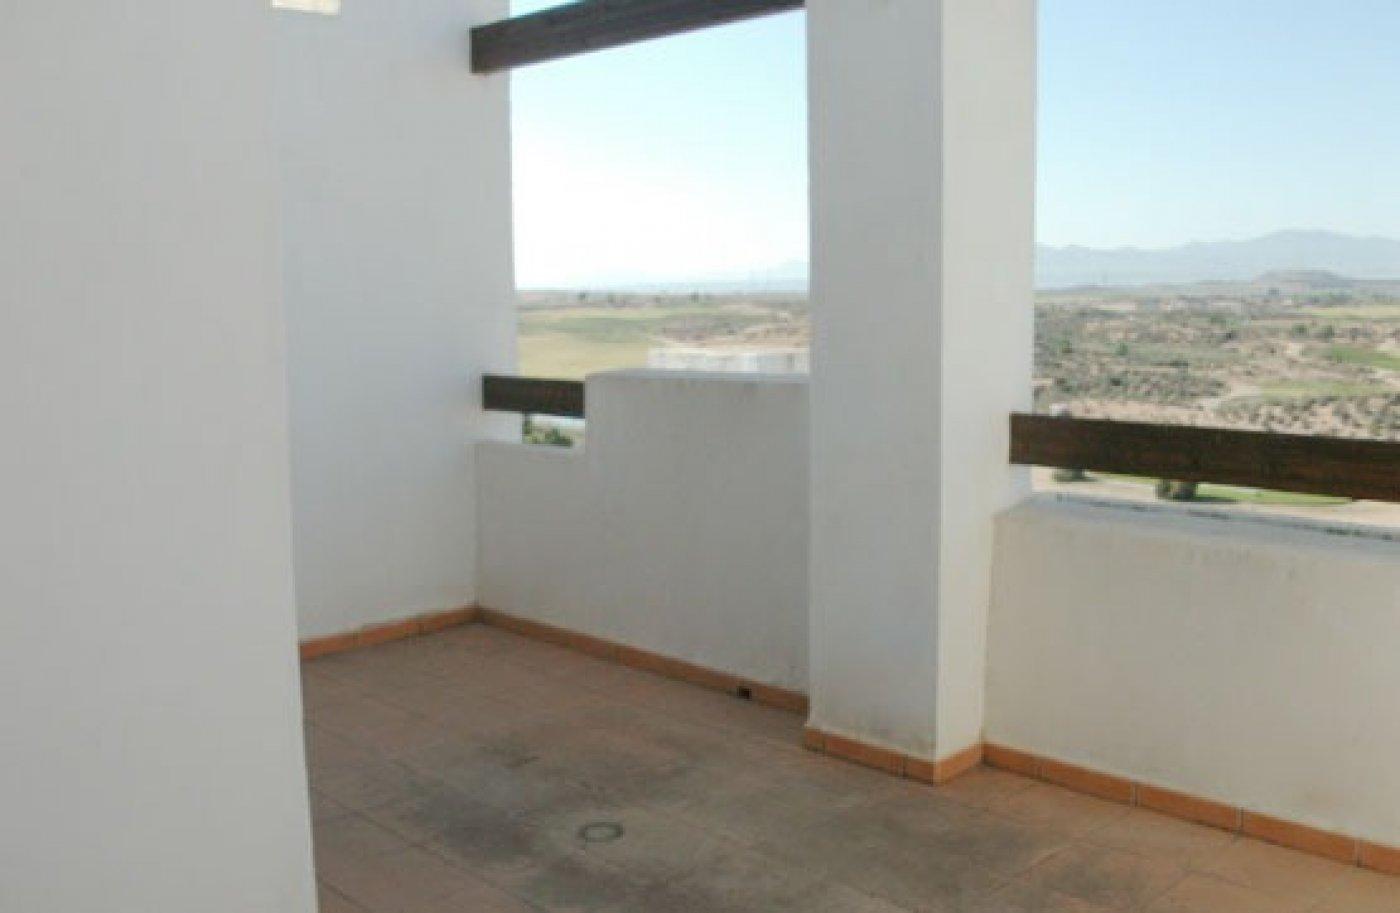 Image 1 Apartment ref 2797 for sale in Condado De Alhama Spain - Quality Homes Costa Cálida